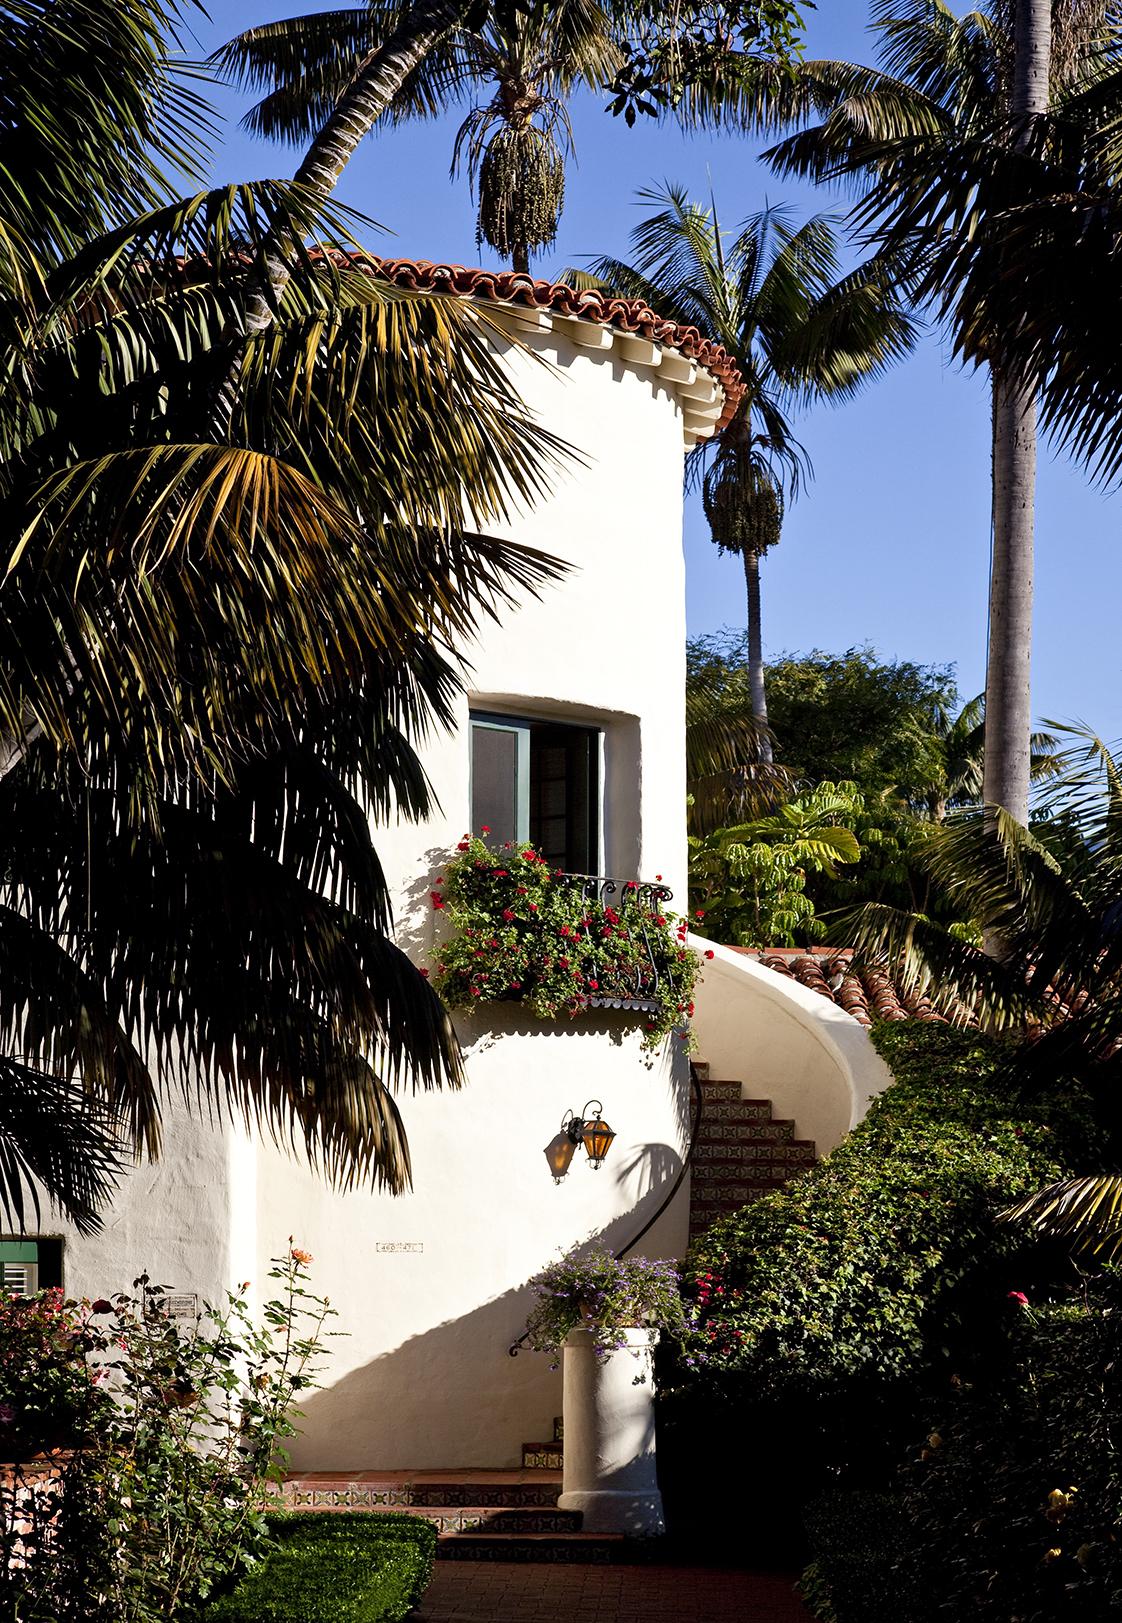 Four Seasons Resort The Biltmore circular tower stairs